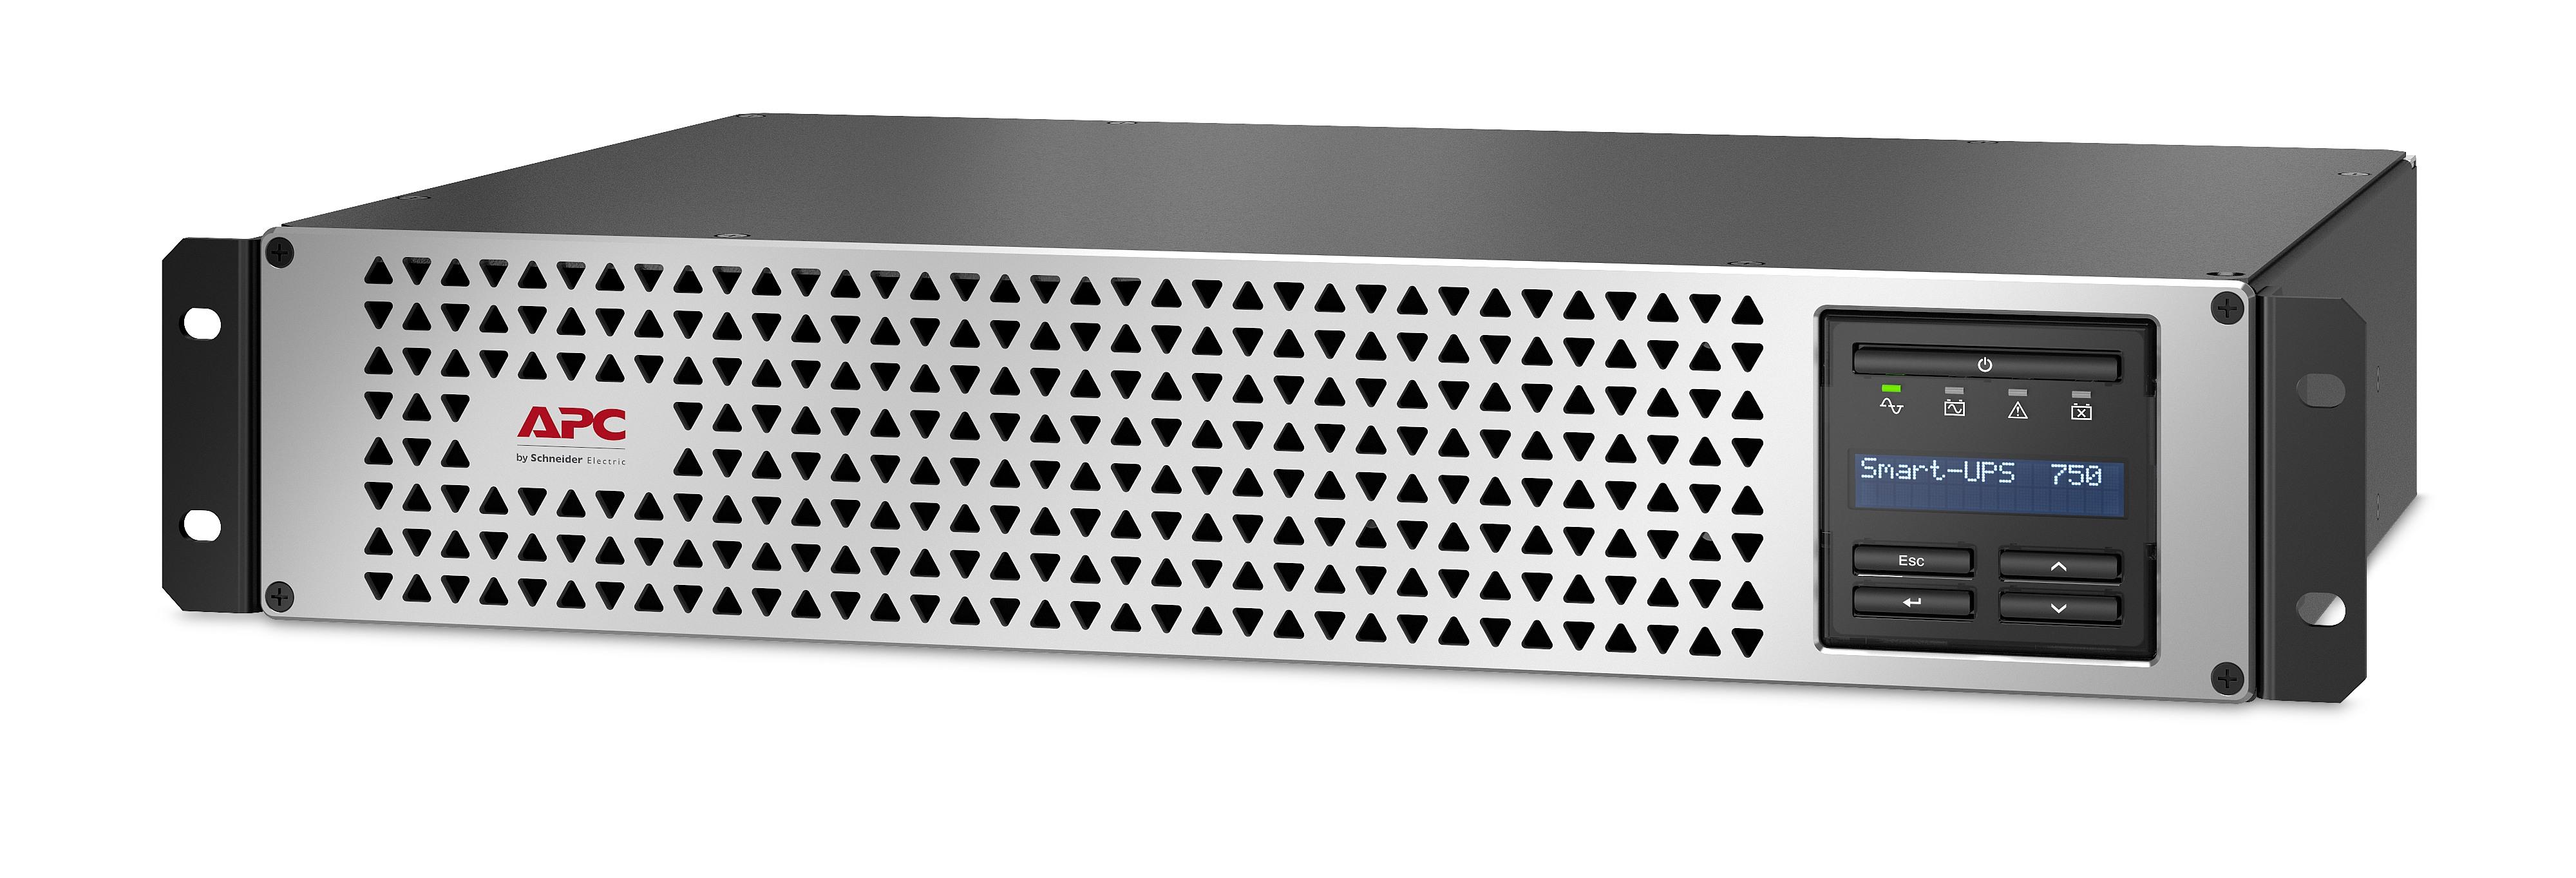 APC Smart-UPS Lithium-ion   APCGuard com